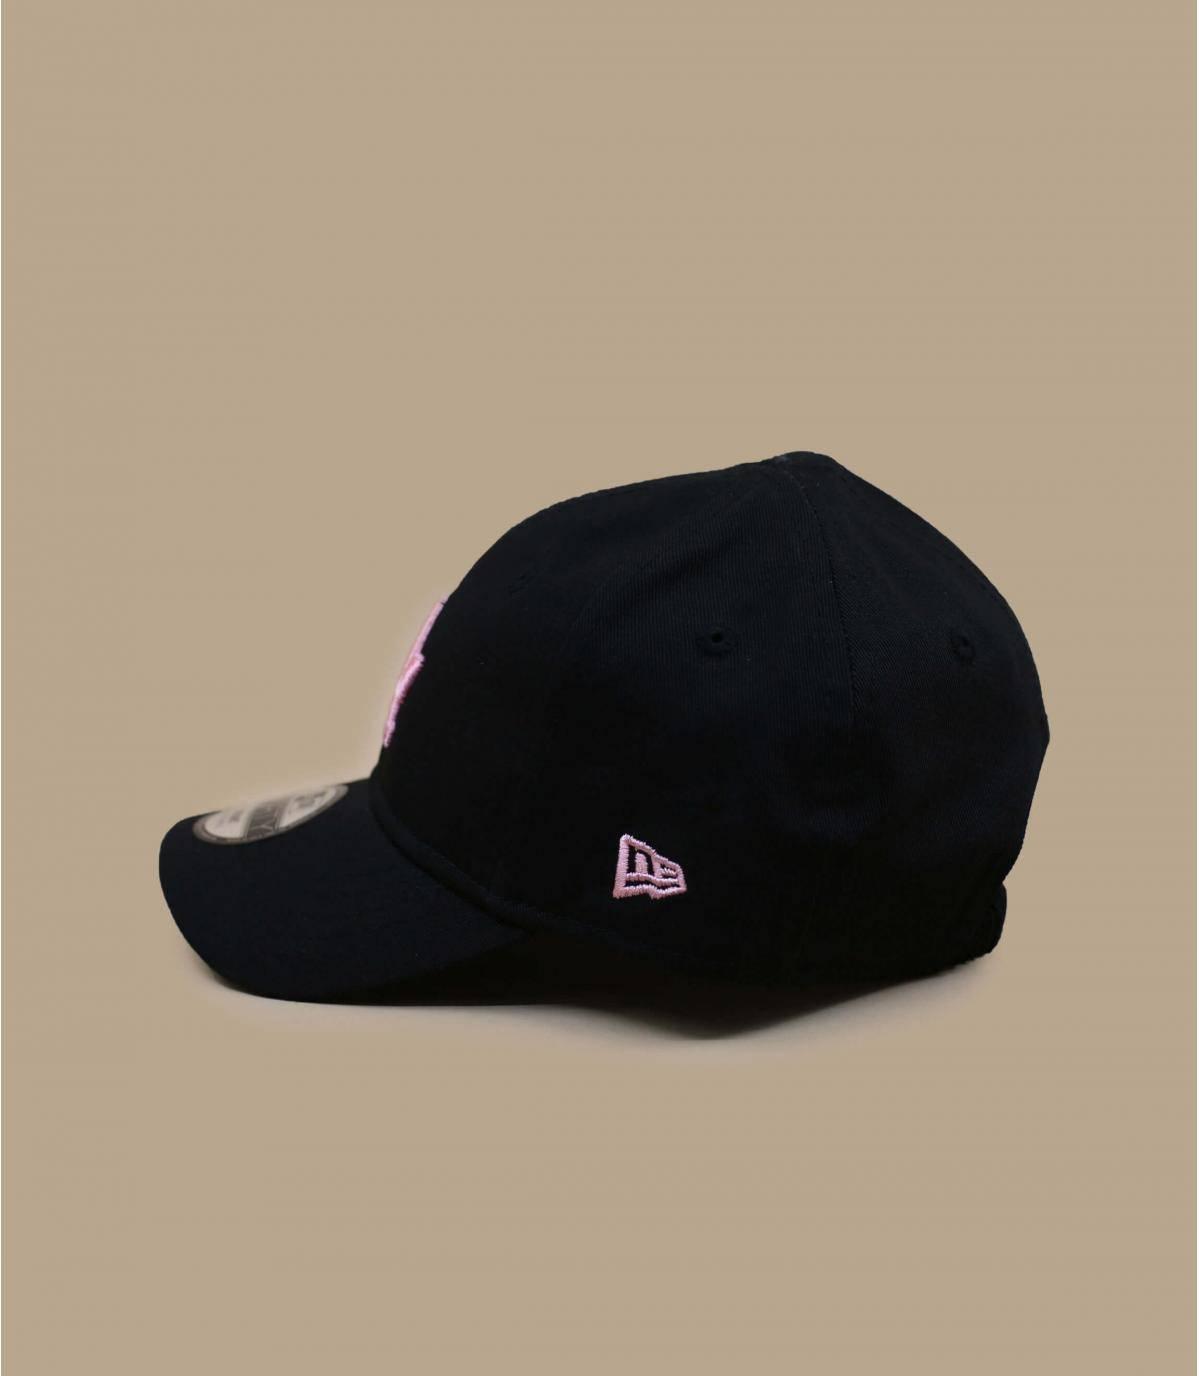 Details Baby League Ess LA black pink - afbeeling 2